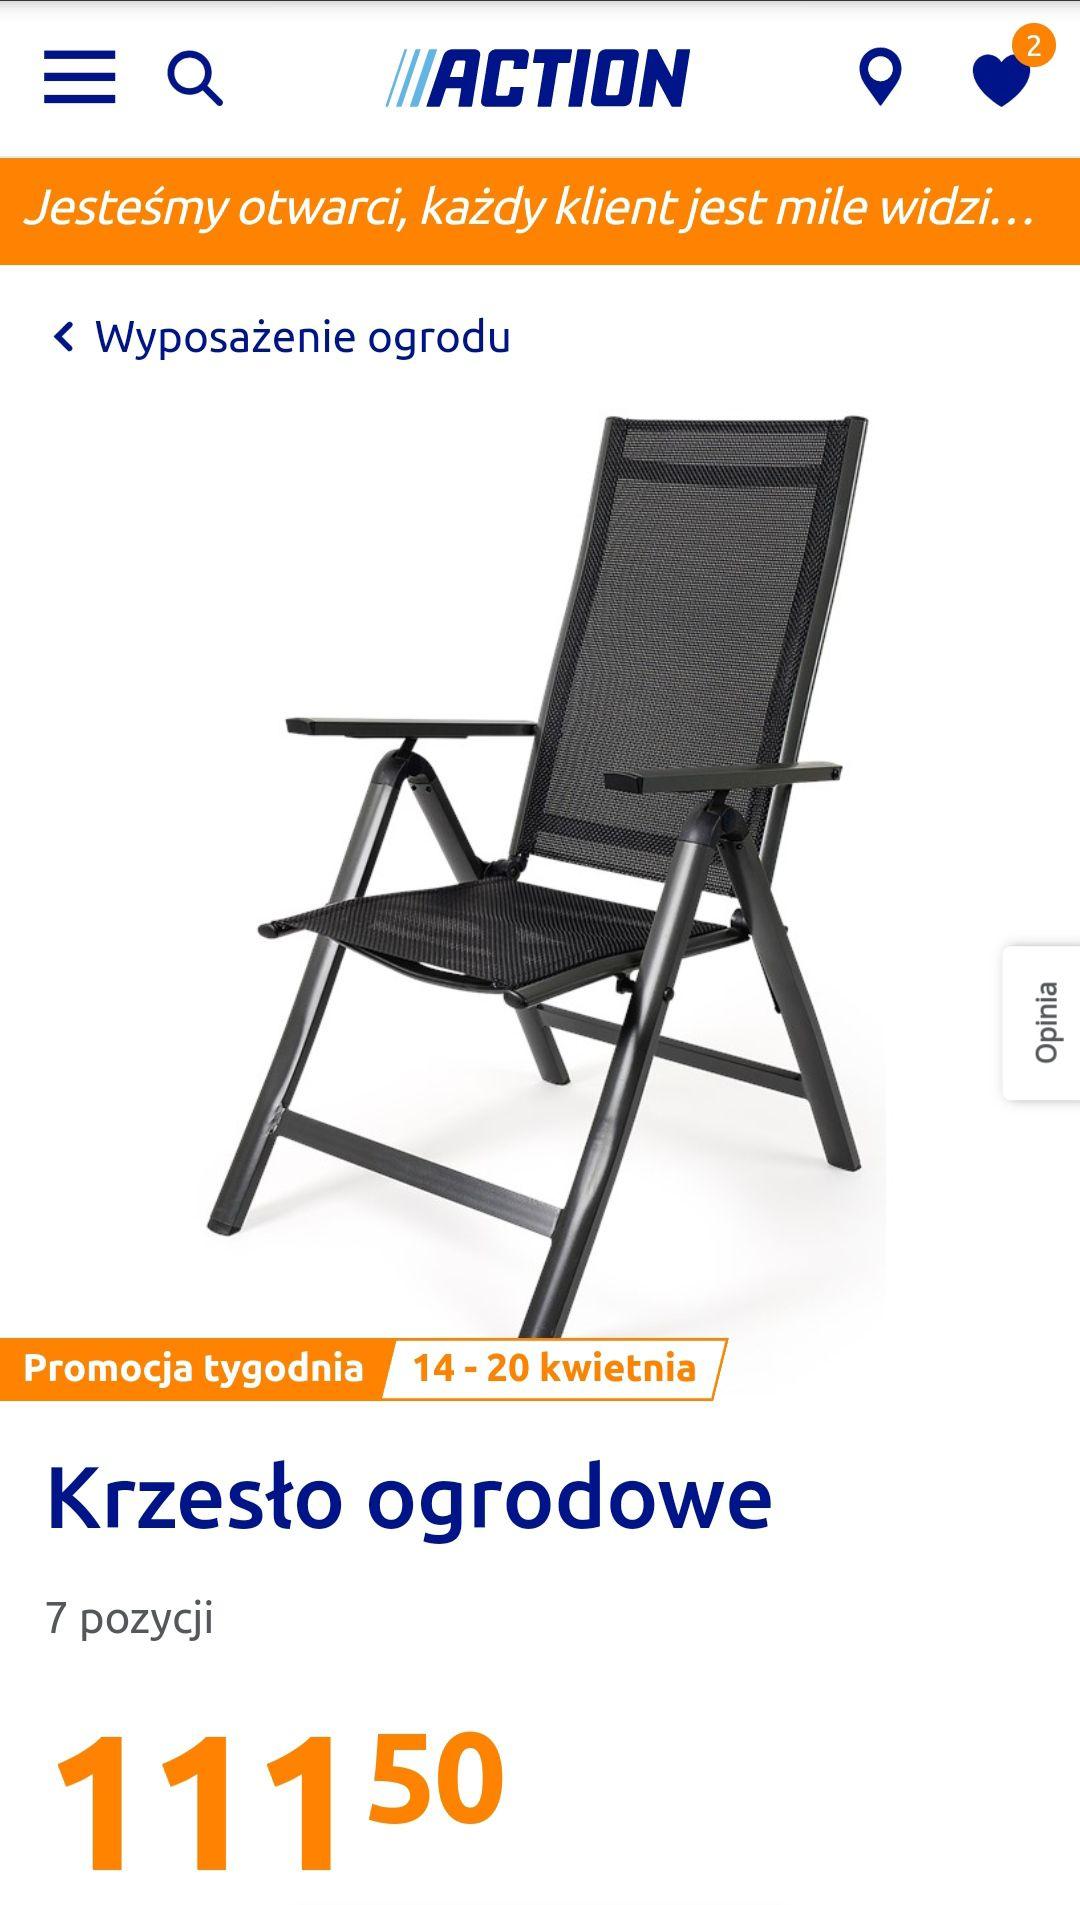 Składane krzesło ogrodowe, balkonowe, tarasowe